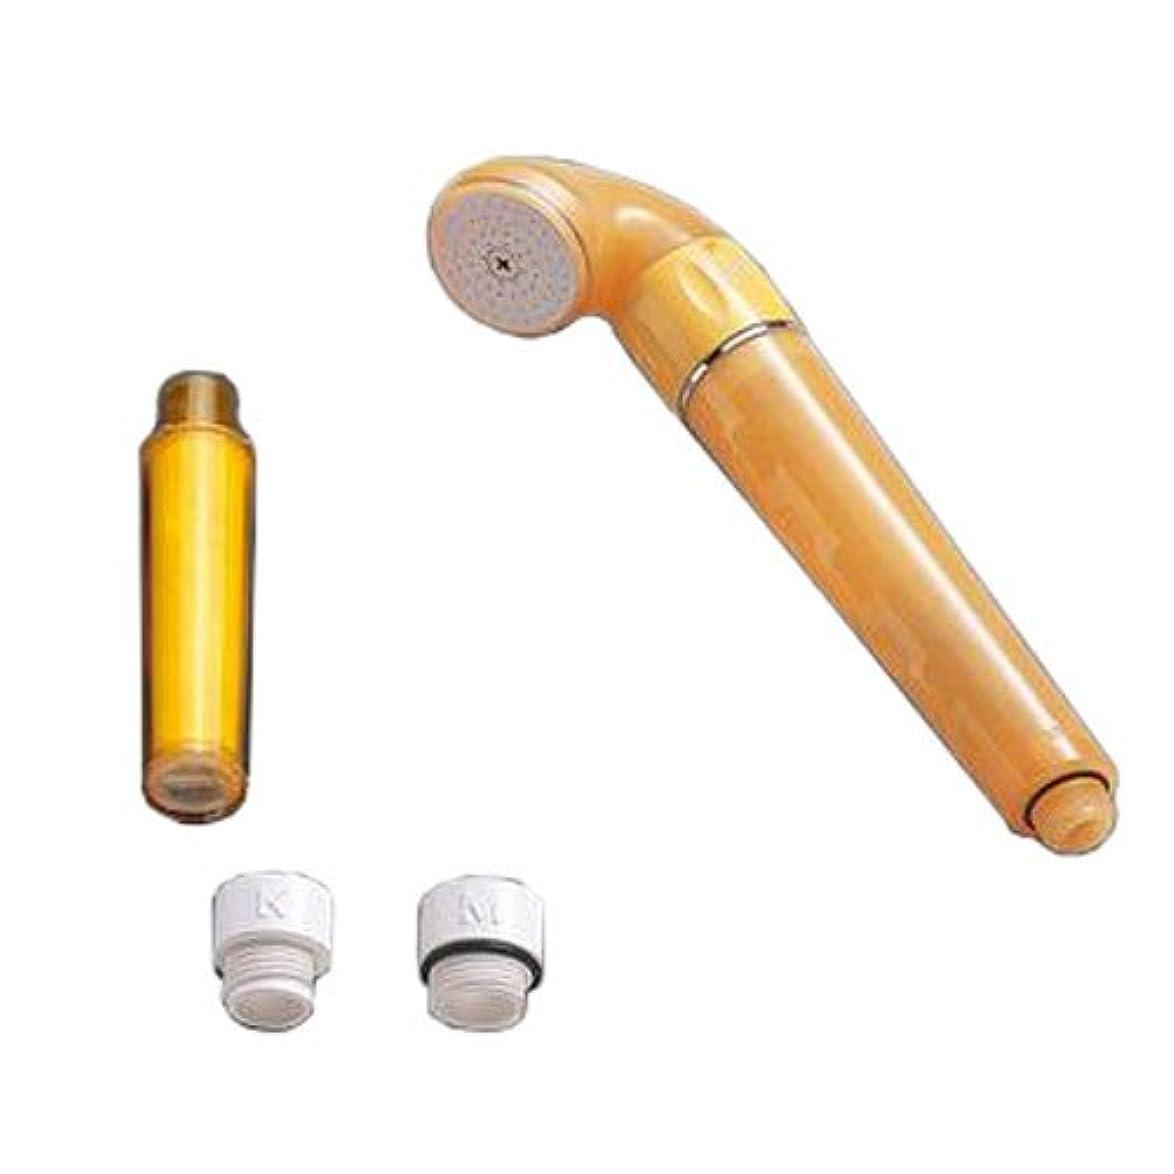 支出ウィザードネットTOTO ビタCシャワーヘッド 原水?塩素低減モード切替可能タイプ(アダプター付) THY718-2R